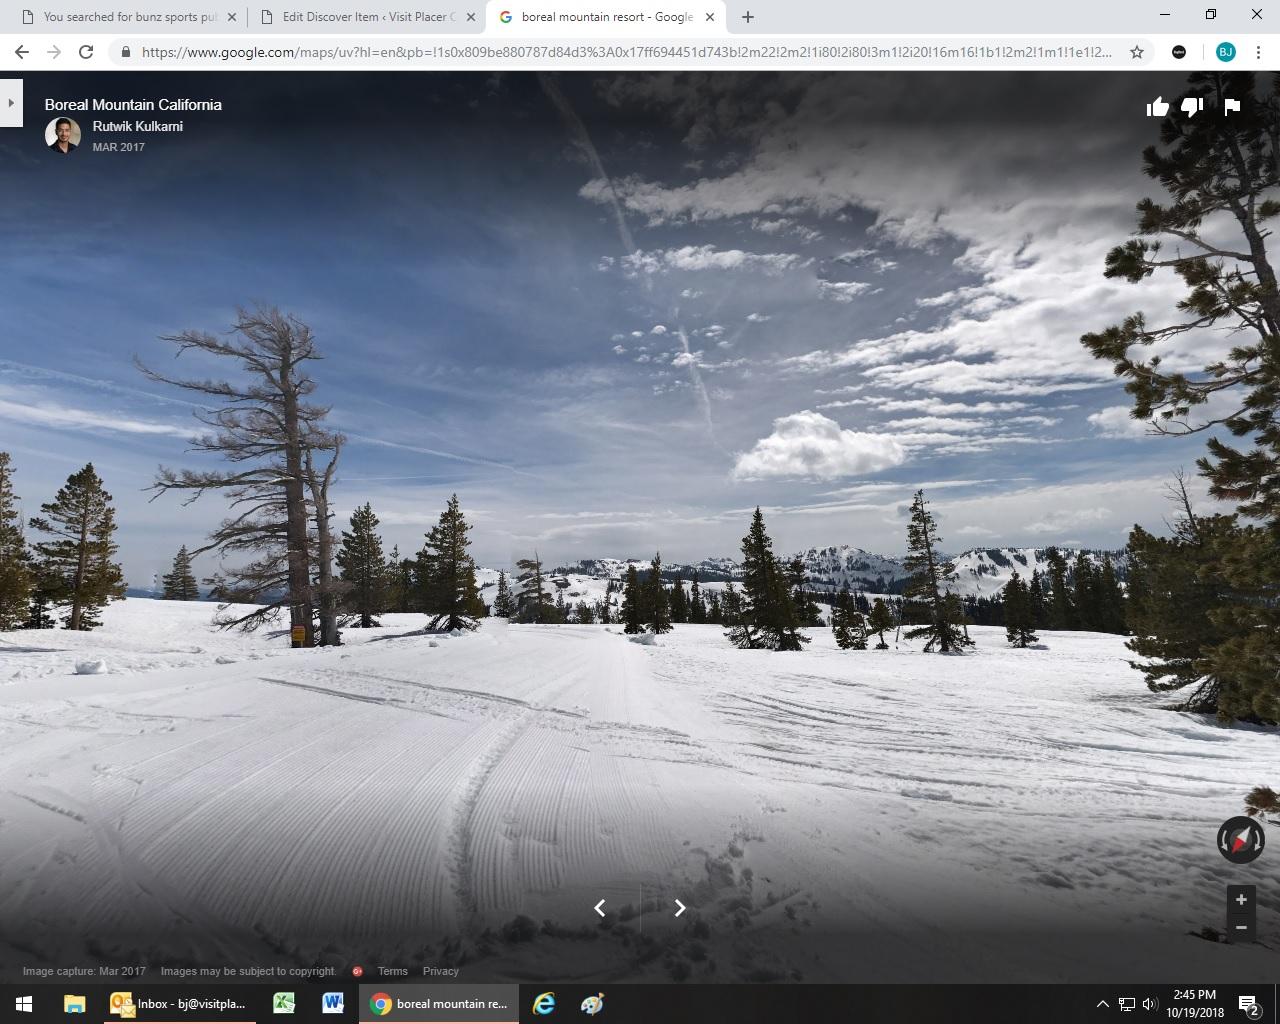 boreal mountain resort | visit placer